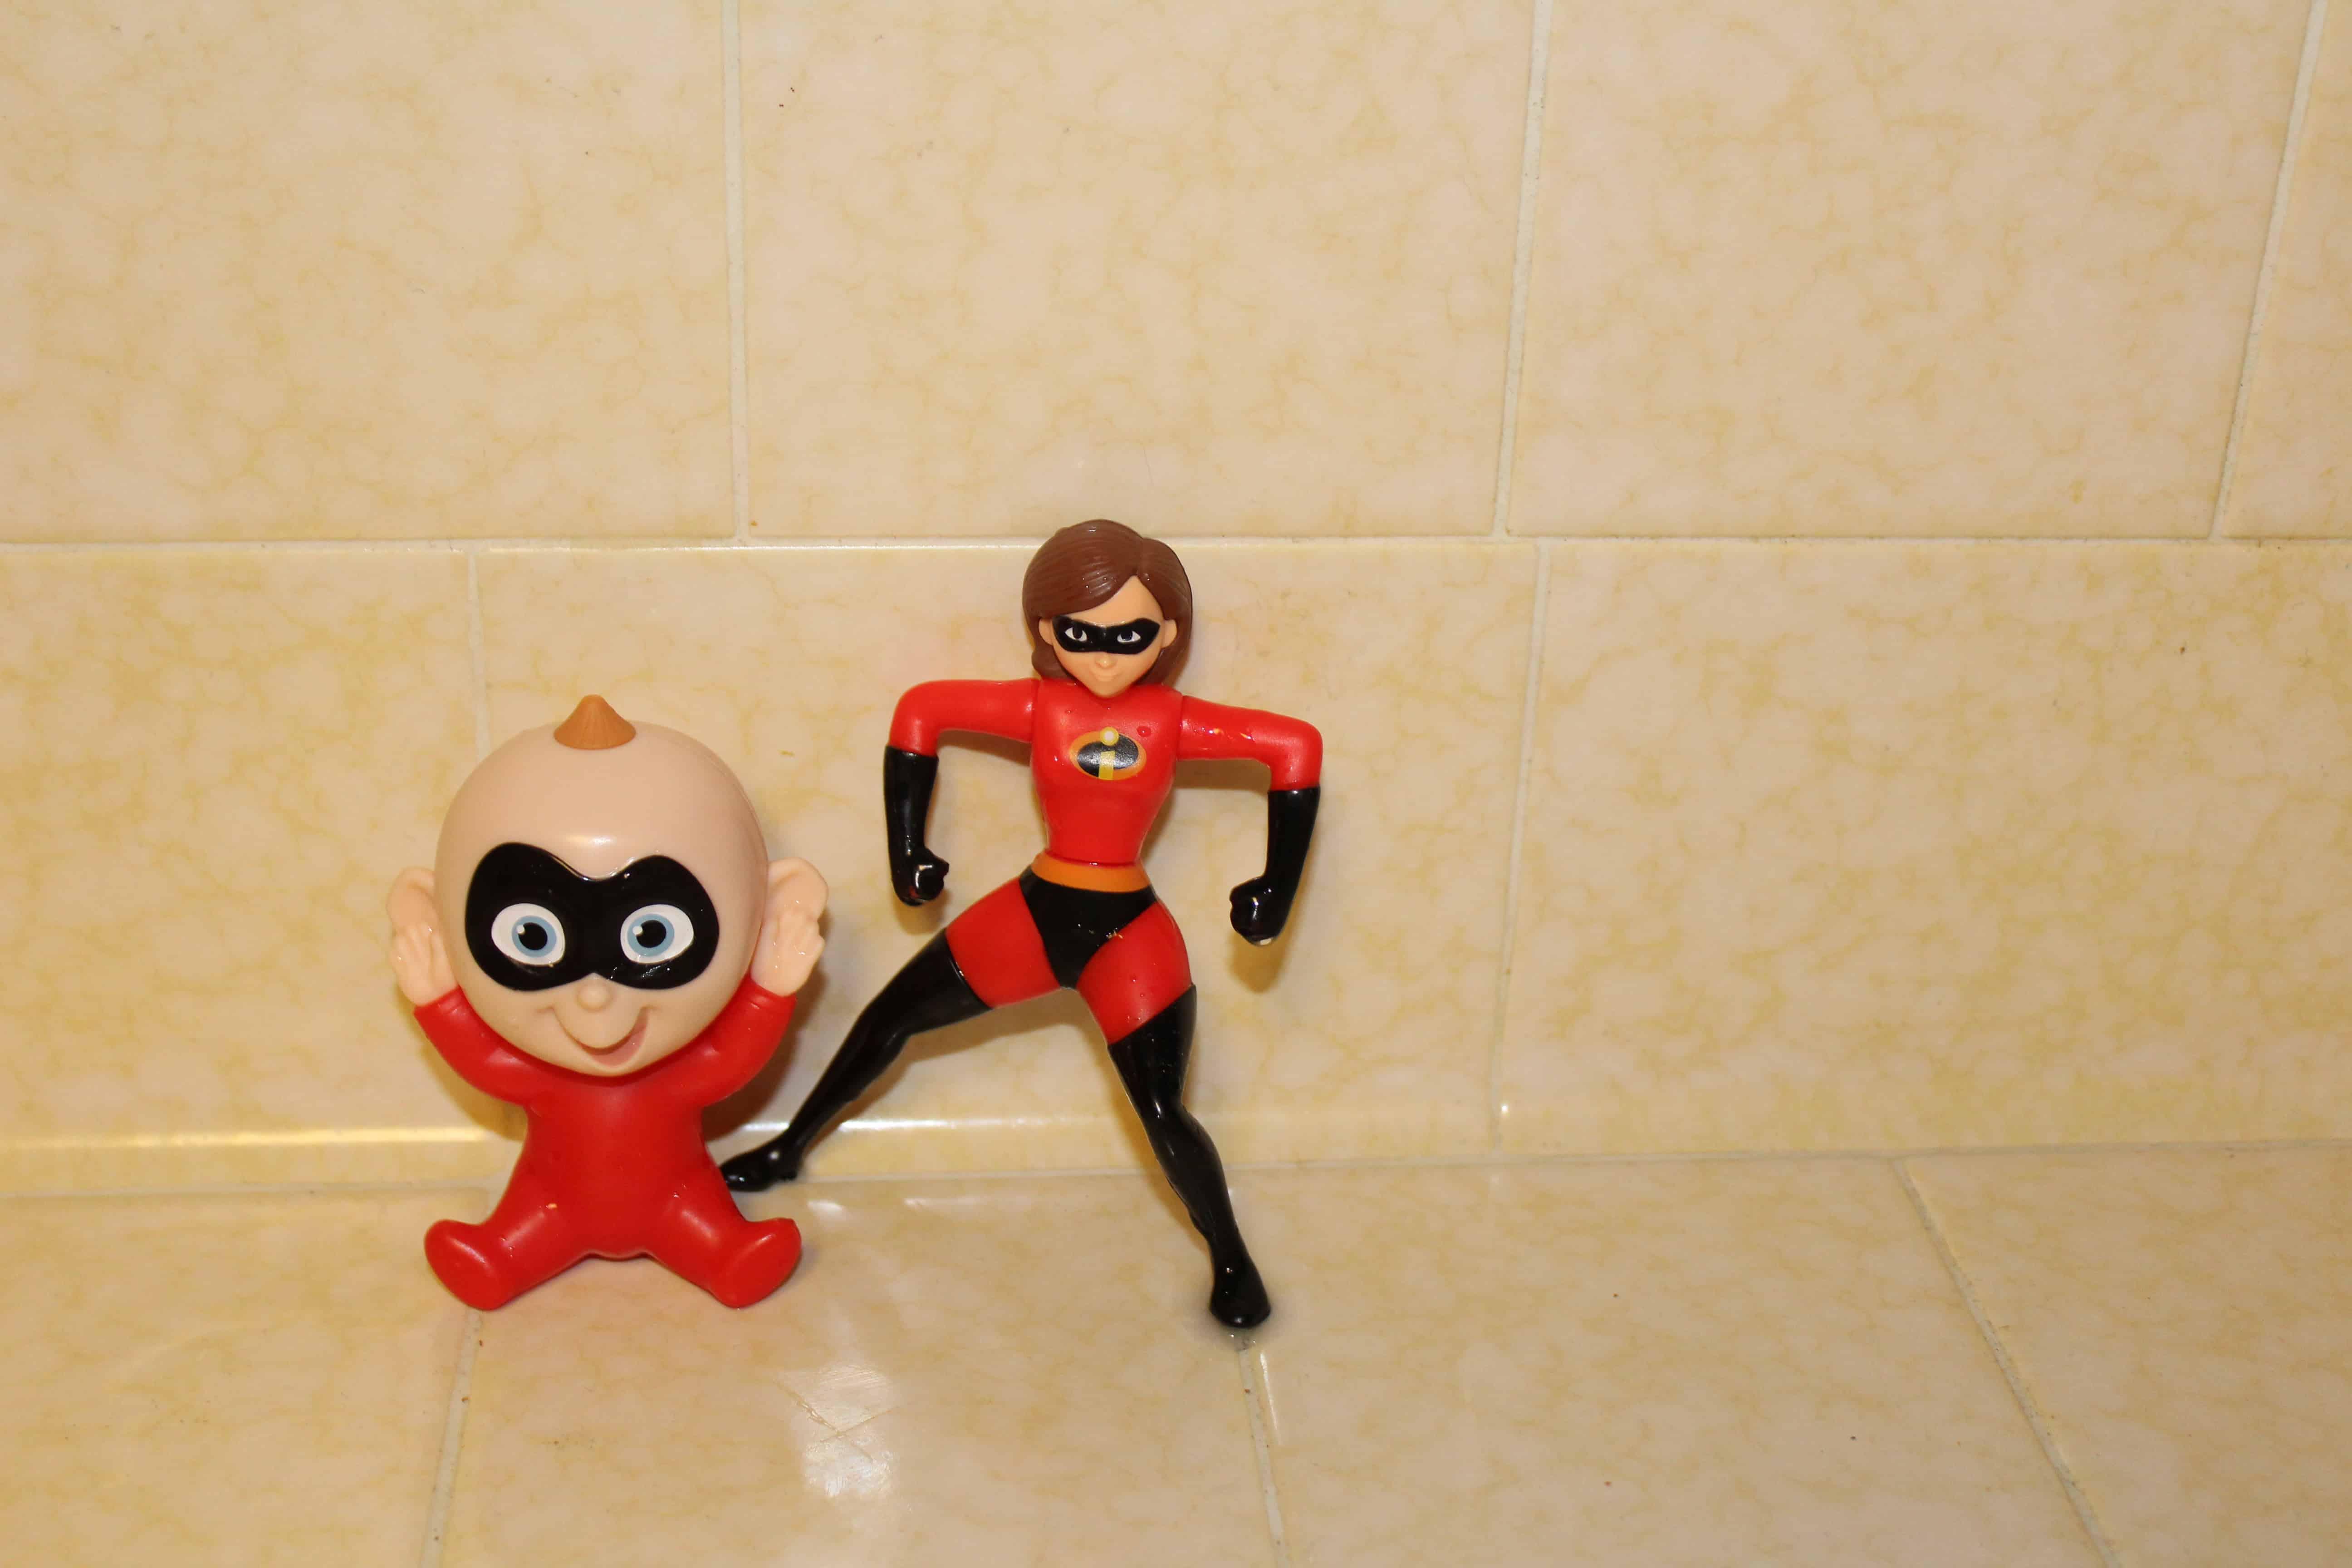 Baby Jack jack and Elastigirl figurines.